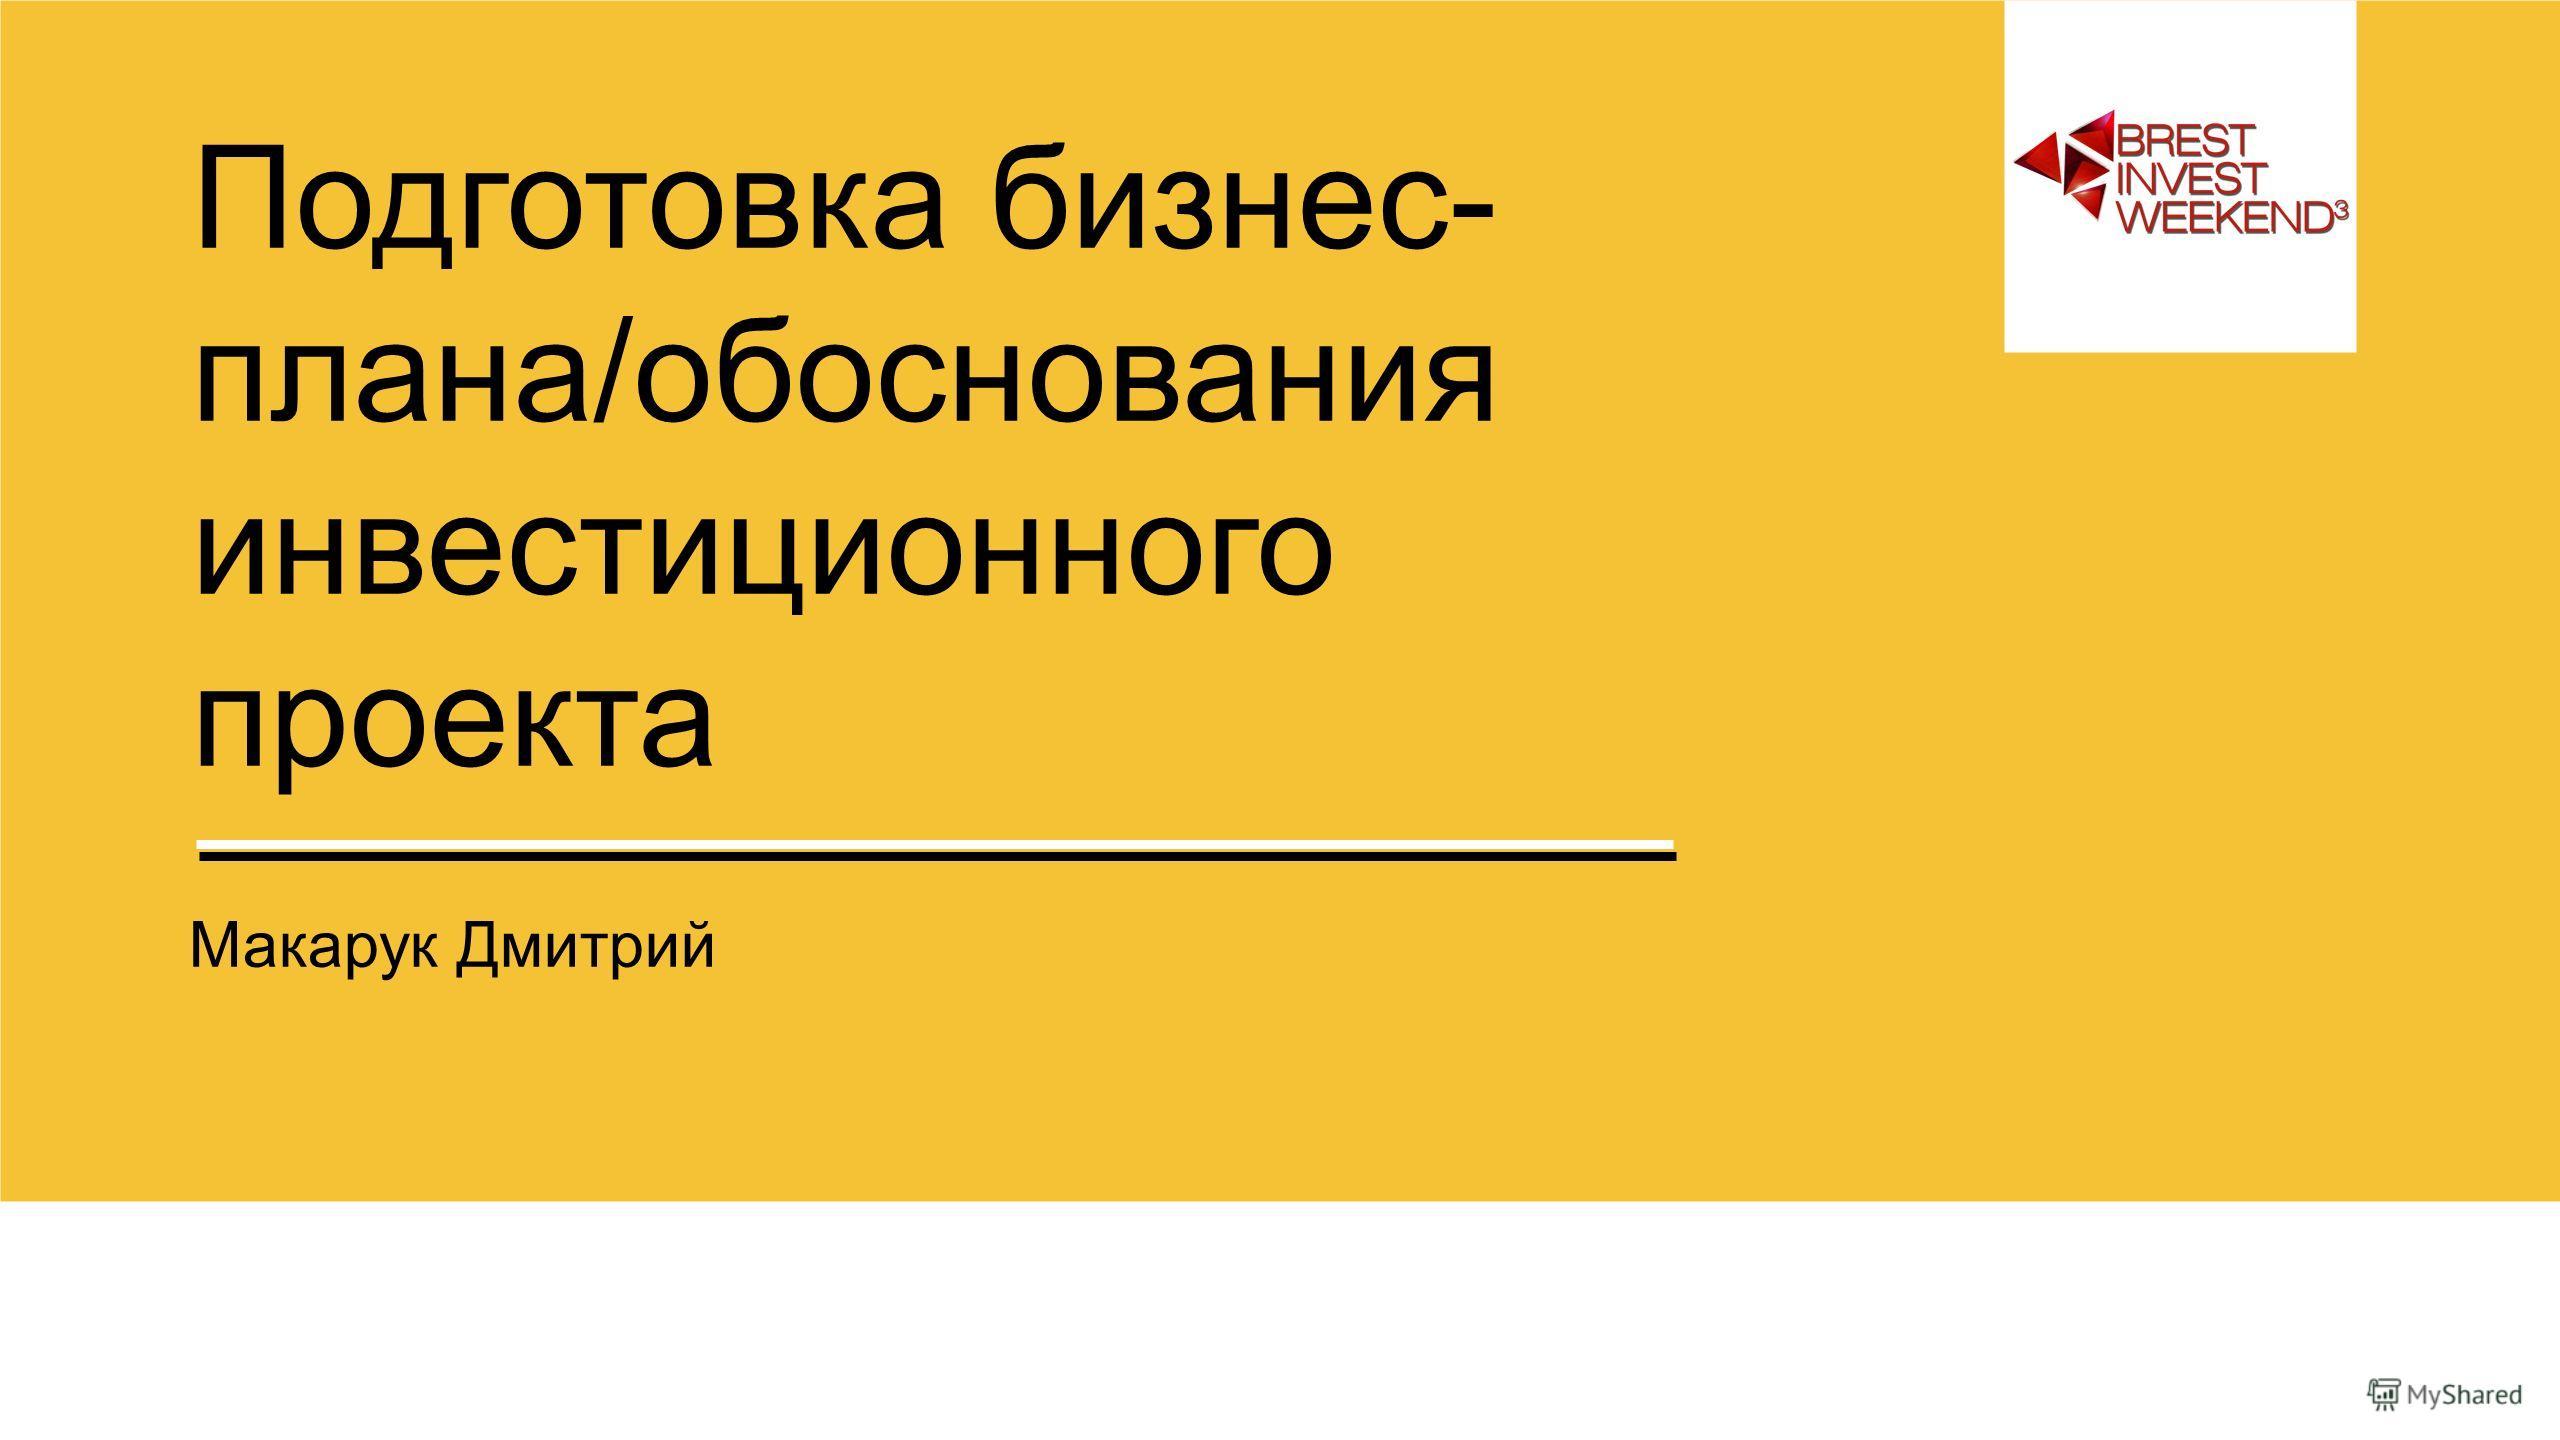 Подготовка бизнес- плана/обоснования инвестиционного проекта Макарук Дмитрий